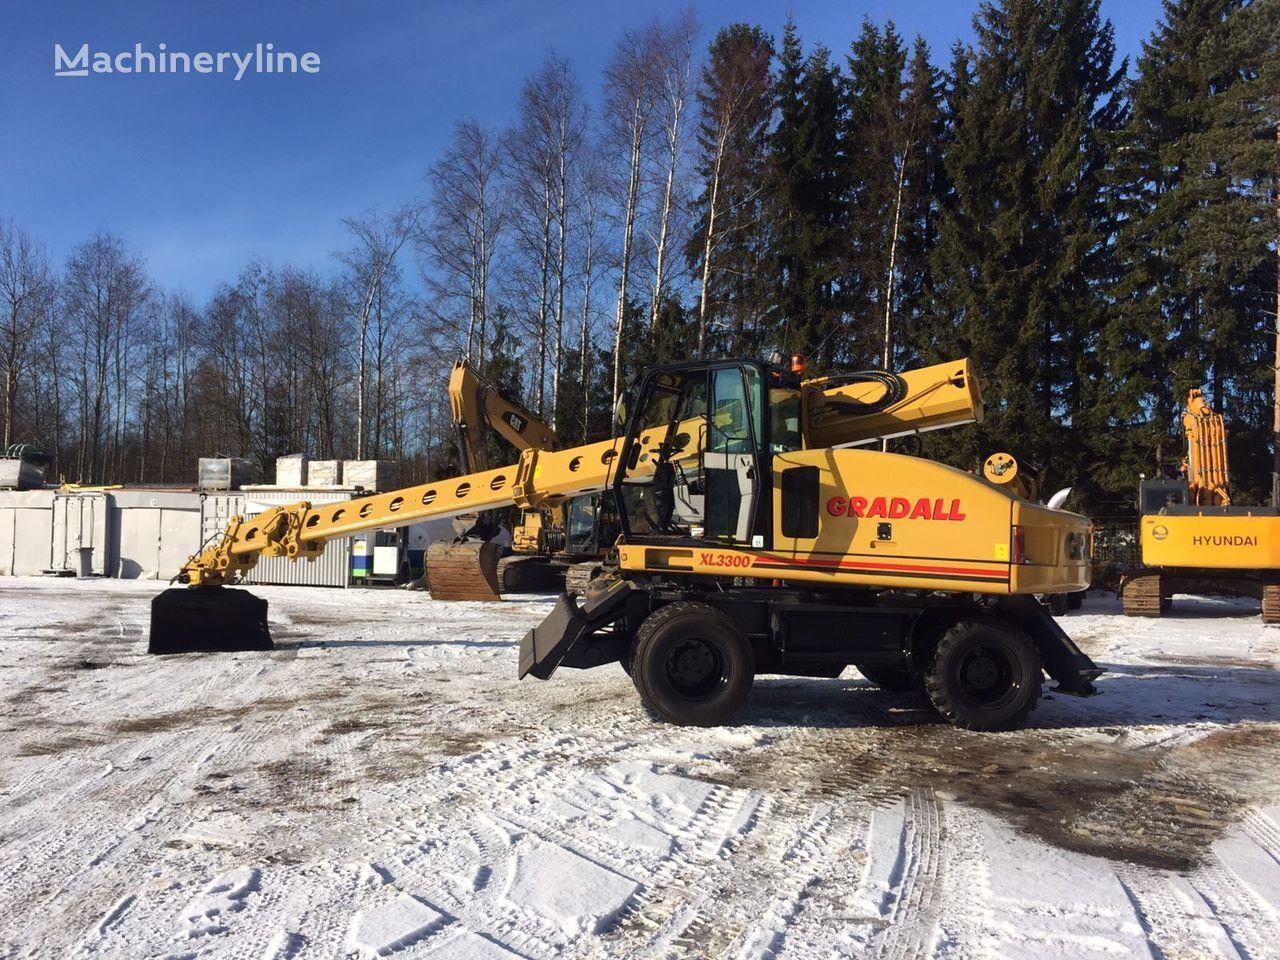 escavatore gommato GRADALL XL 3300